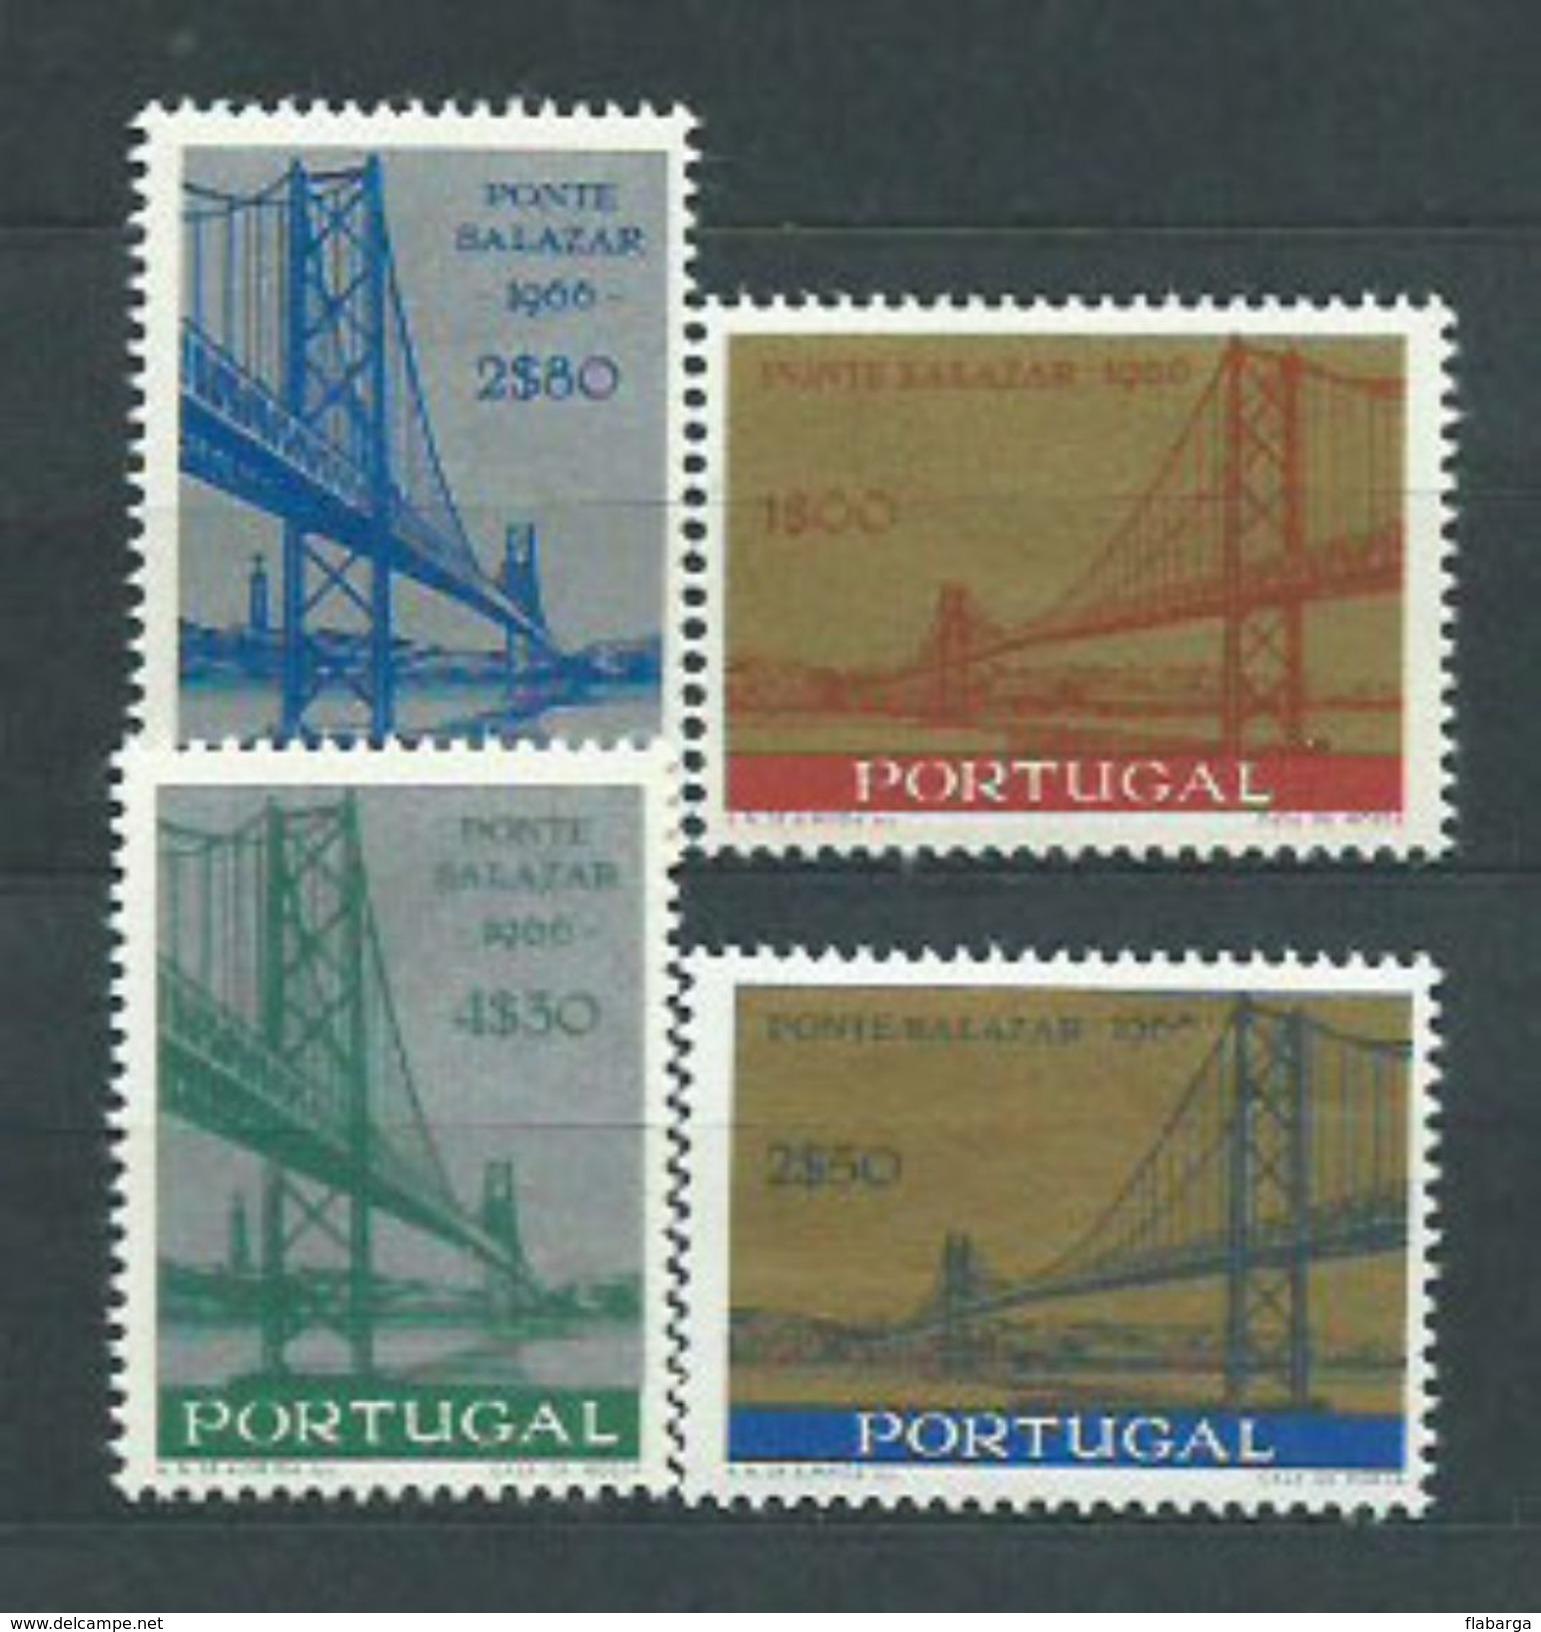 Año 1966 Nº 989/2 Inauguracion Del Puente Salazar - Nuevos